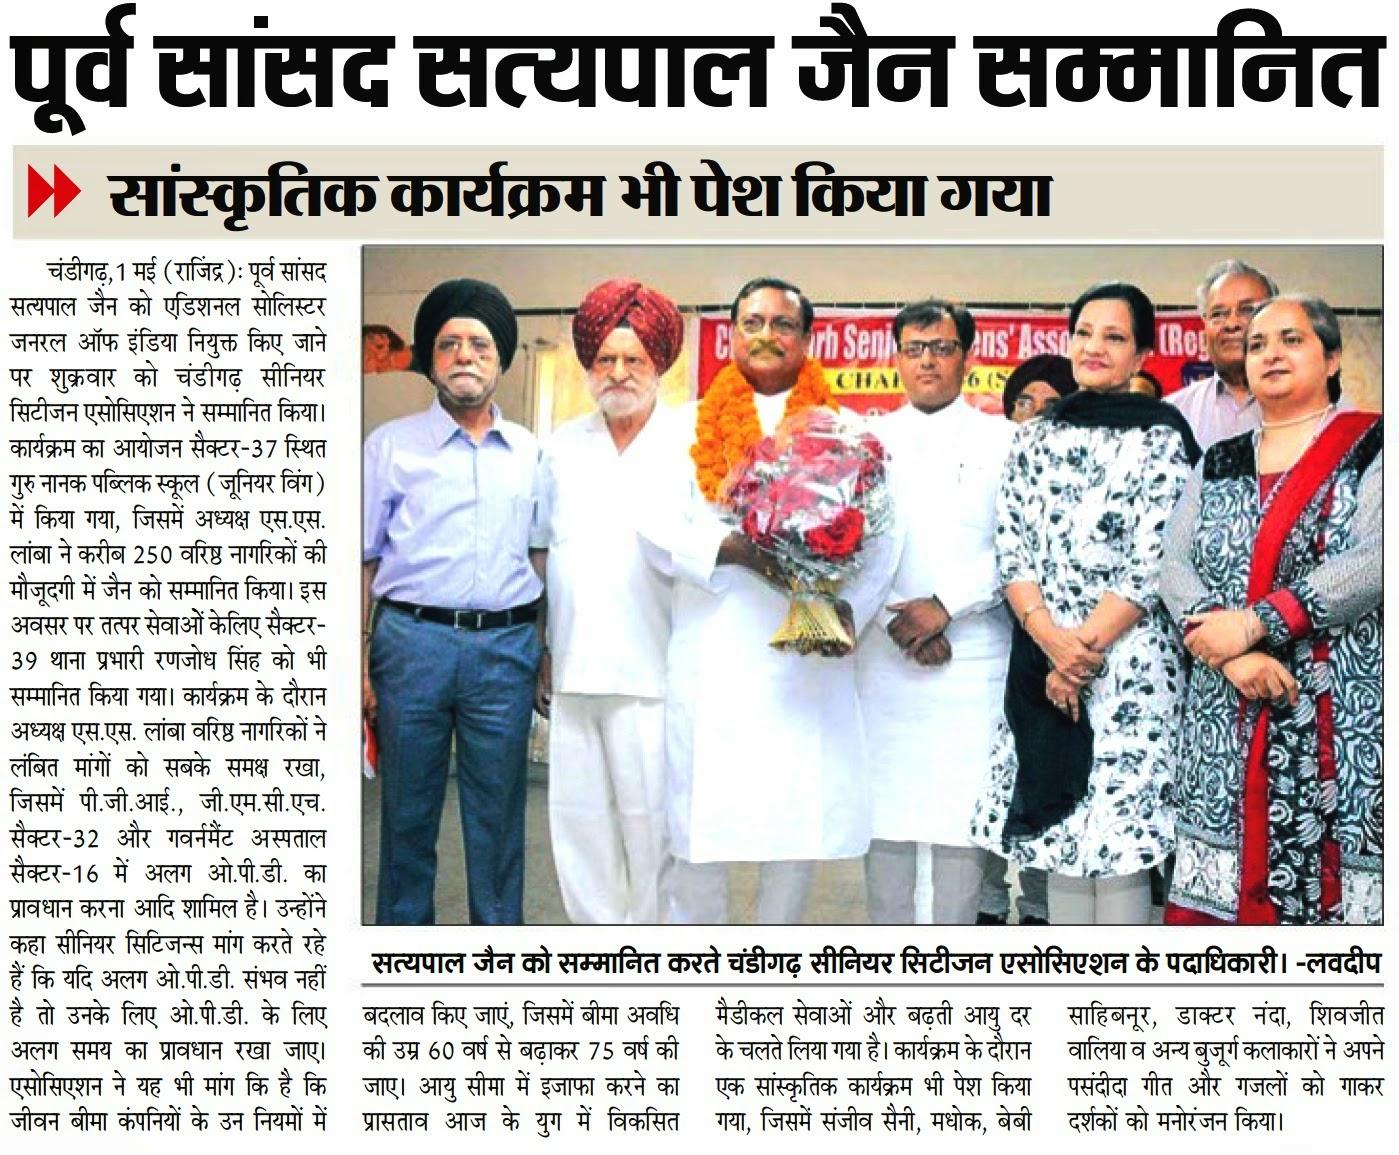 सत्य पाल जैन को सम्मानित करते चंडीगढ़ सीनियर सिटीजन एसोसिएशन के पदाधिकारी